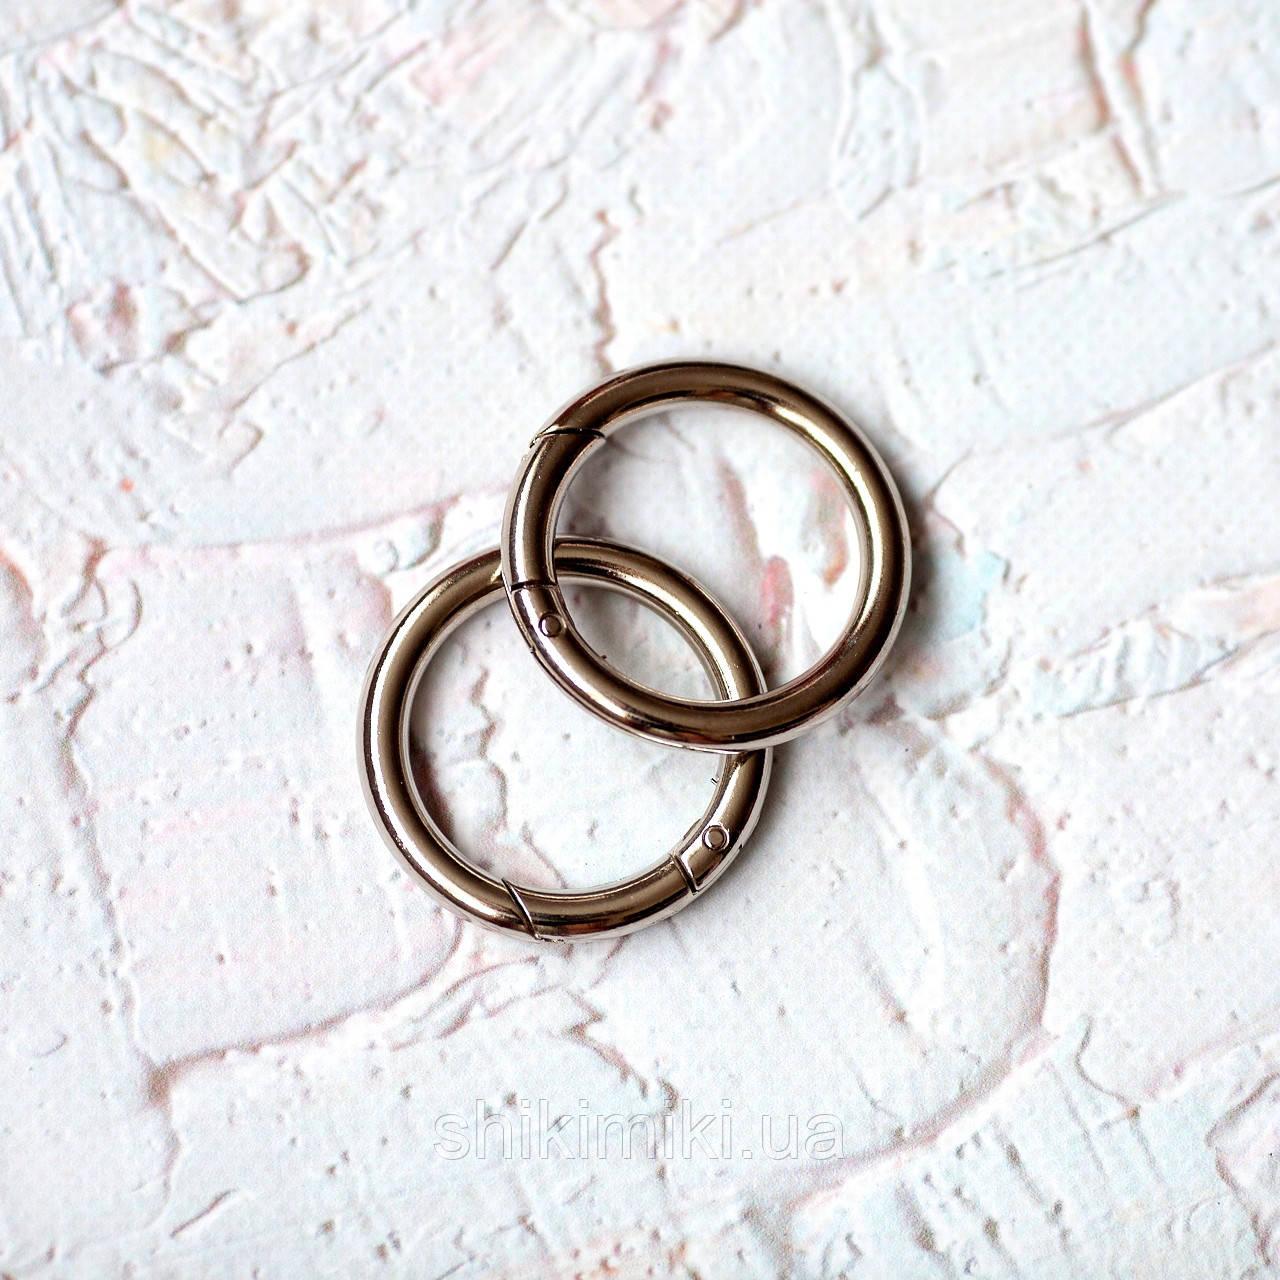 Кольцо-карабин KK03-1 (30 мм), цвет никель